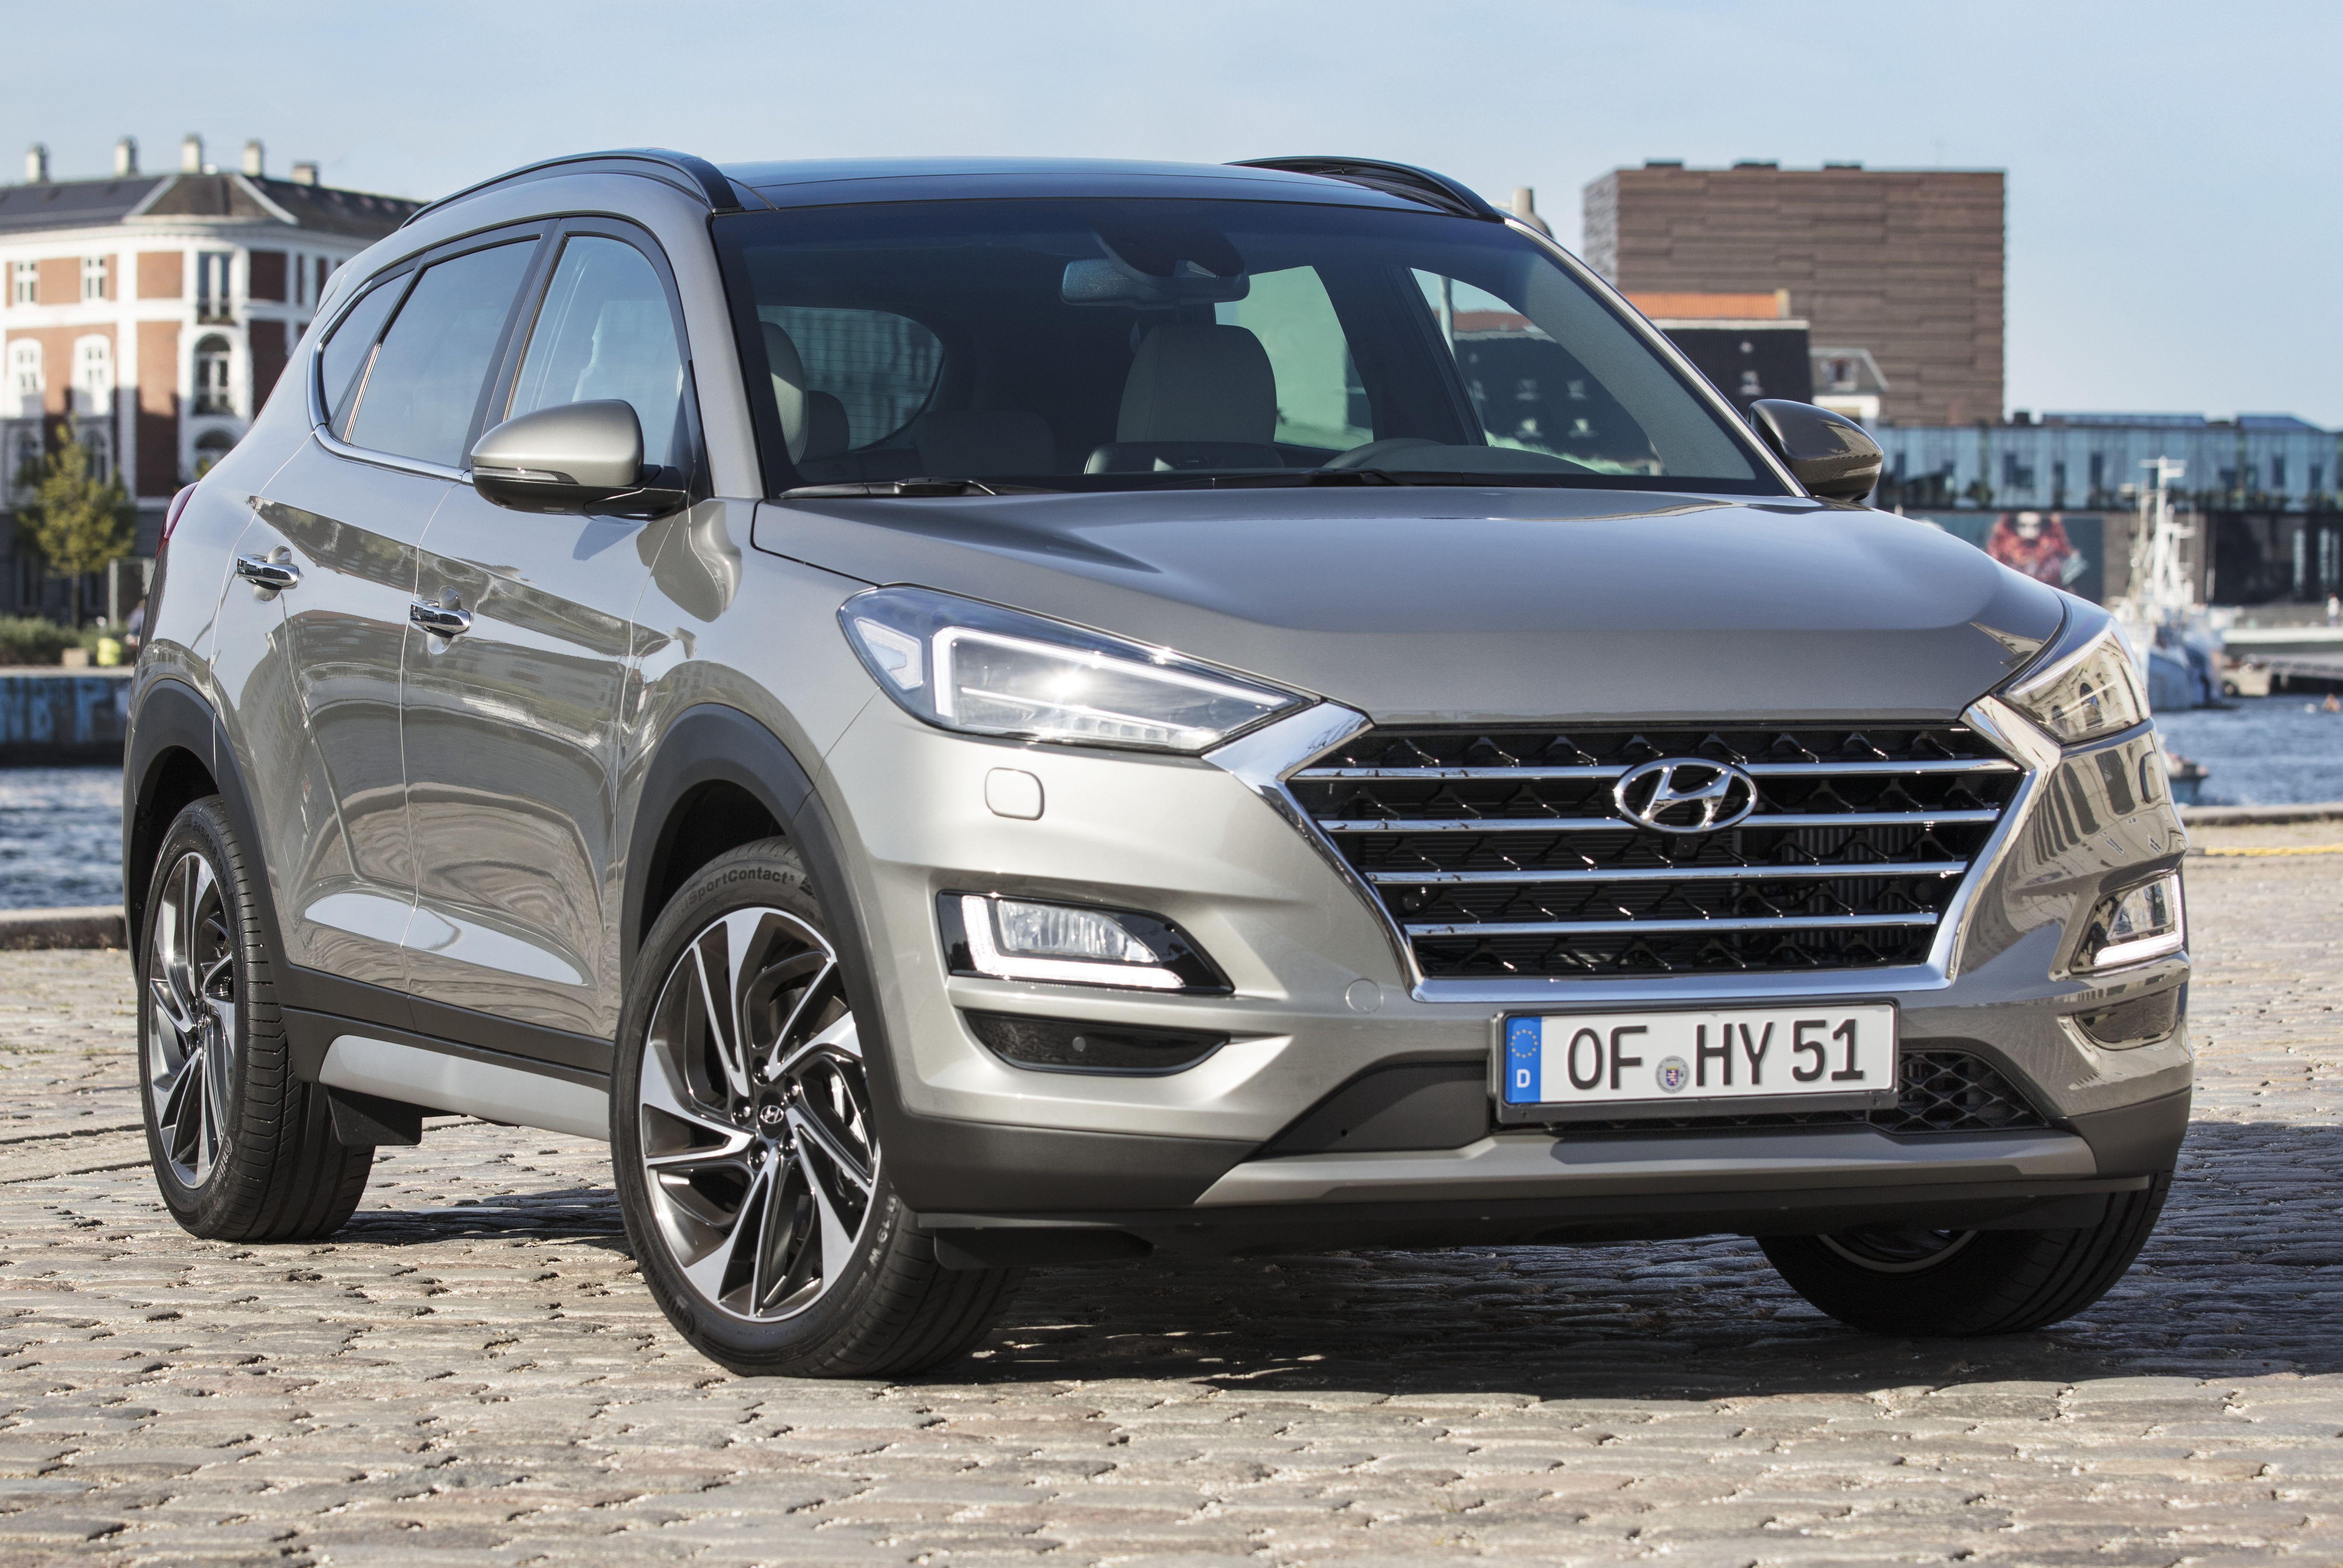 Facelift Hyundai Tucson >> Hyundai Tucson Facelift 48v Mild Hybrid In Europe